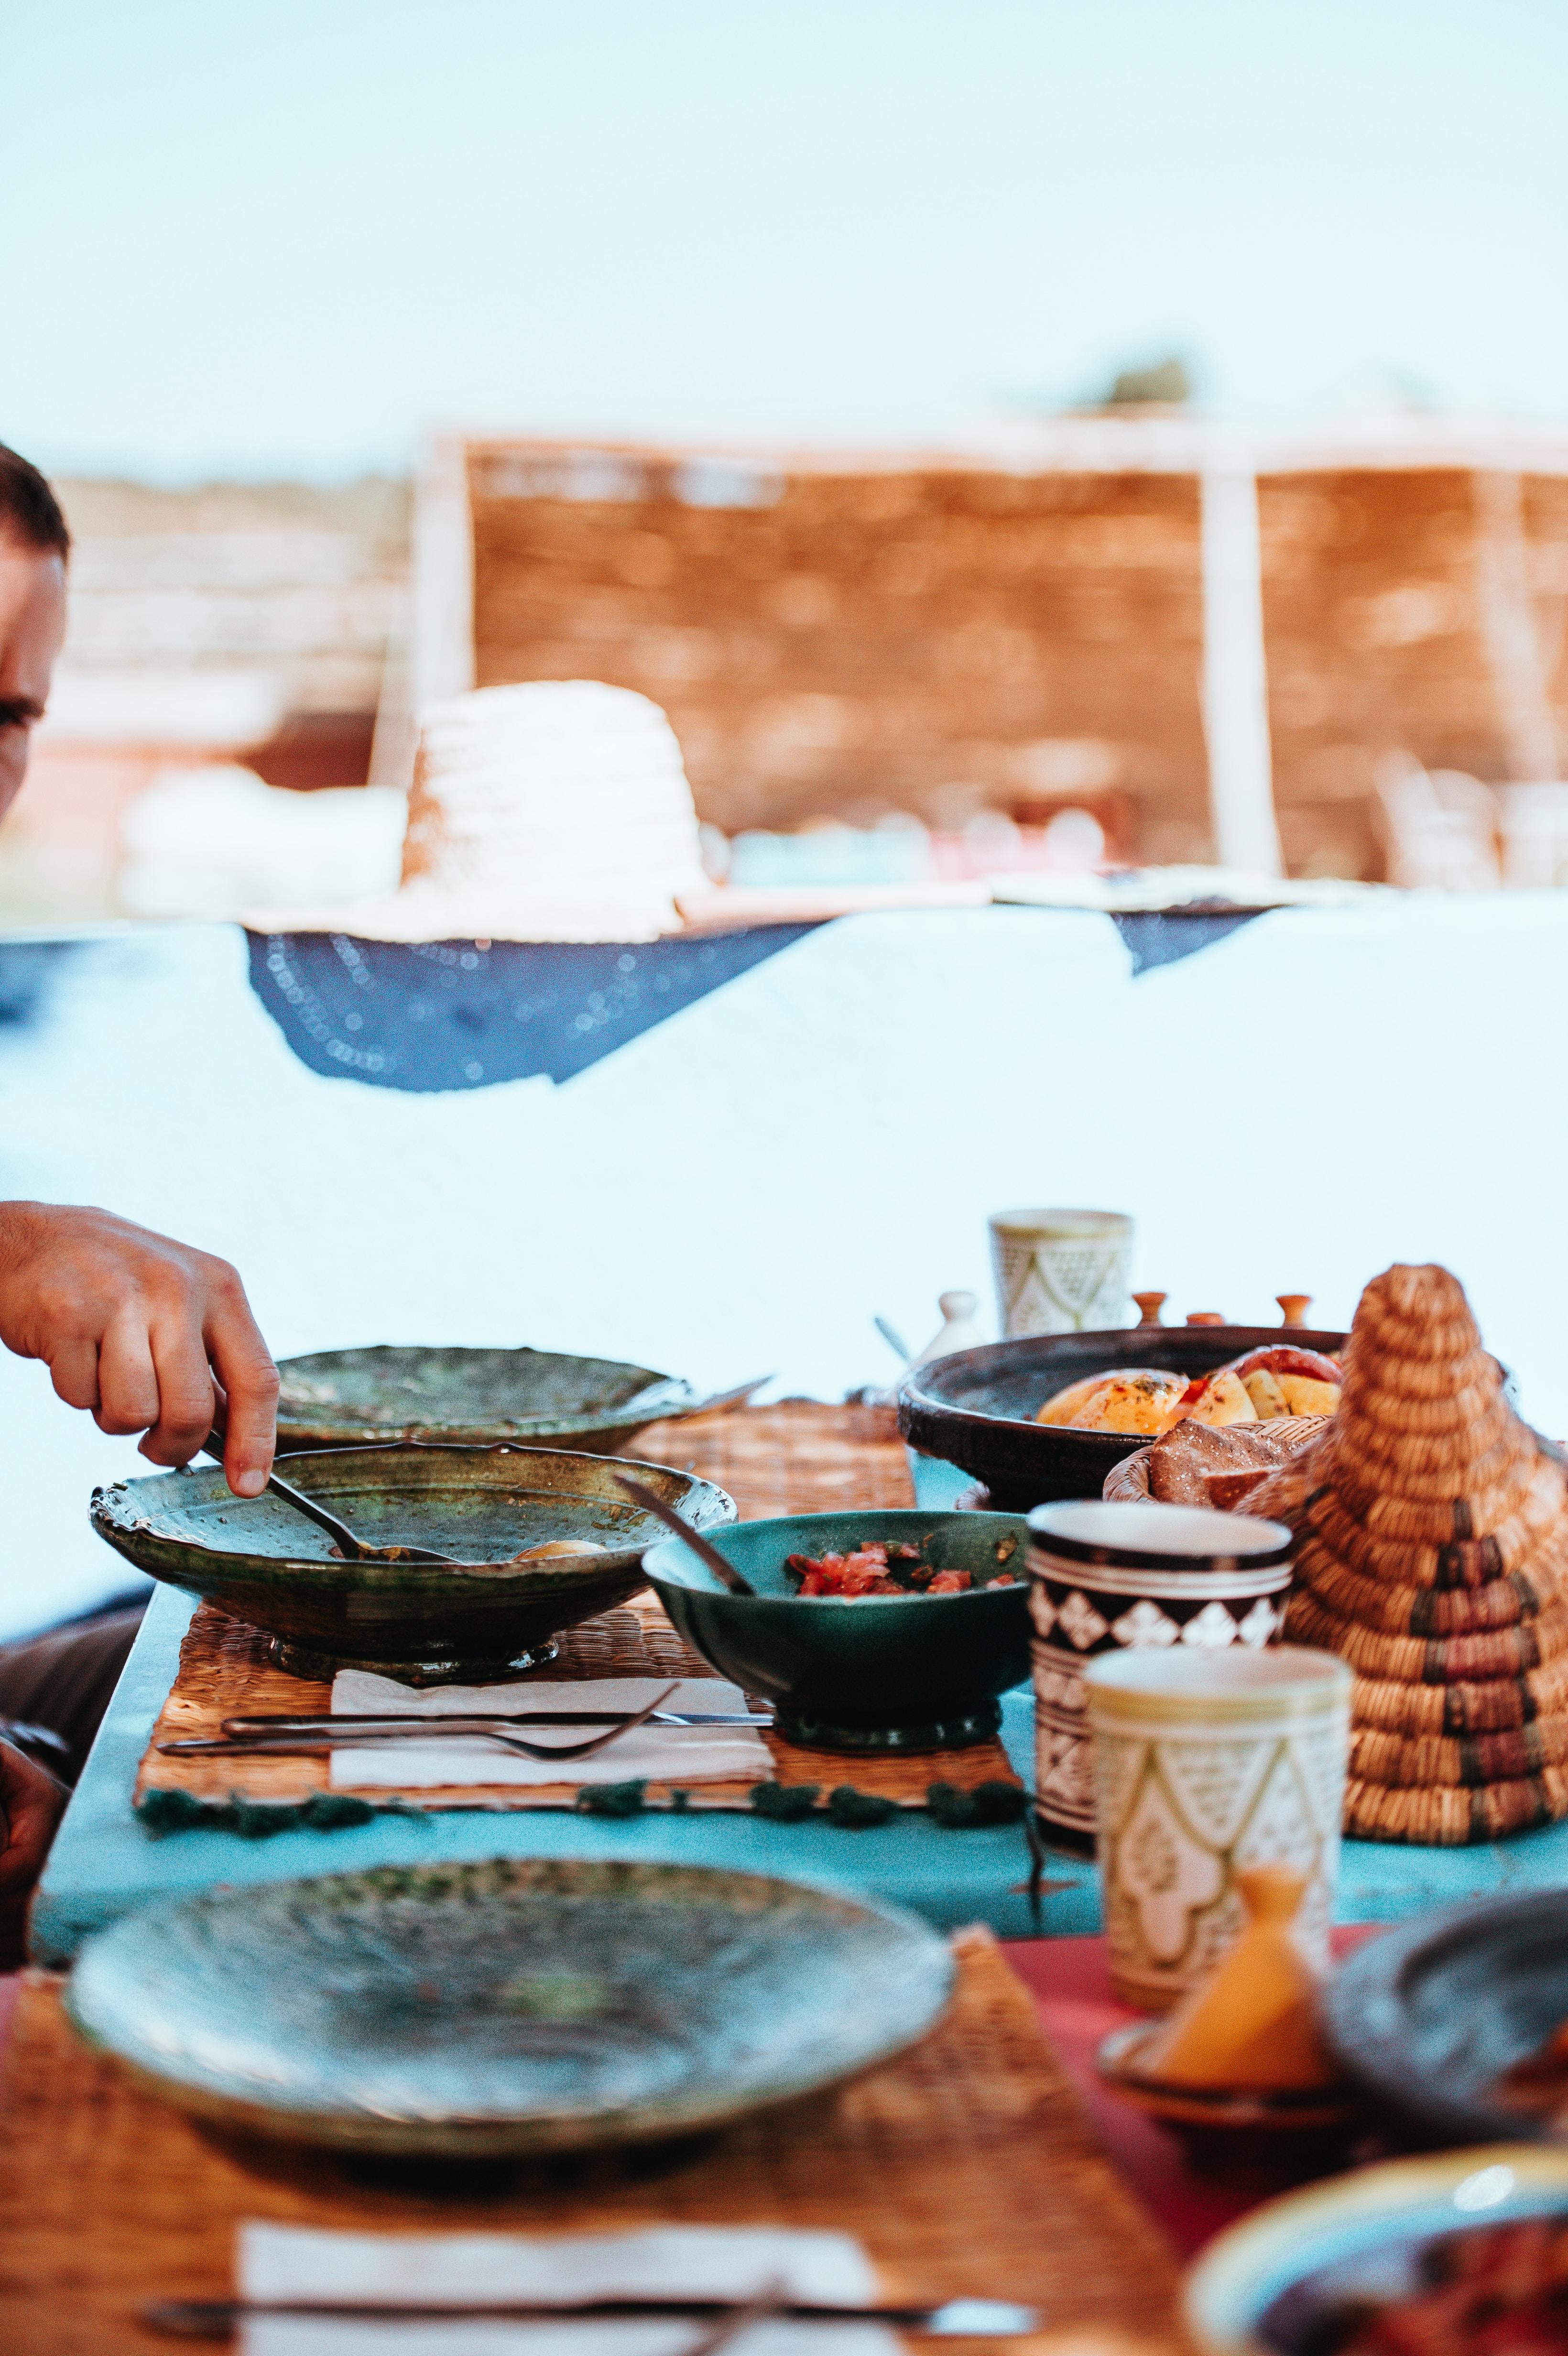 man cooking on gray wok during daytime